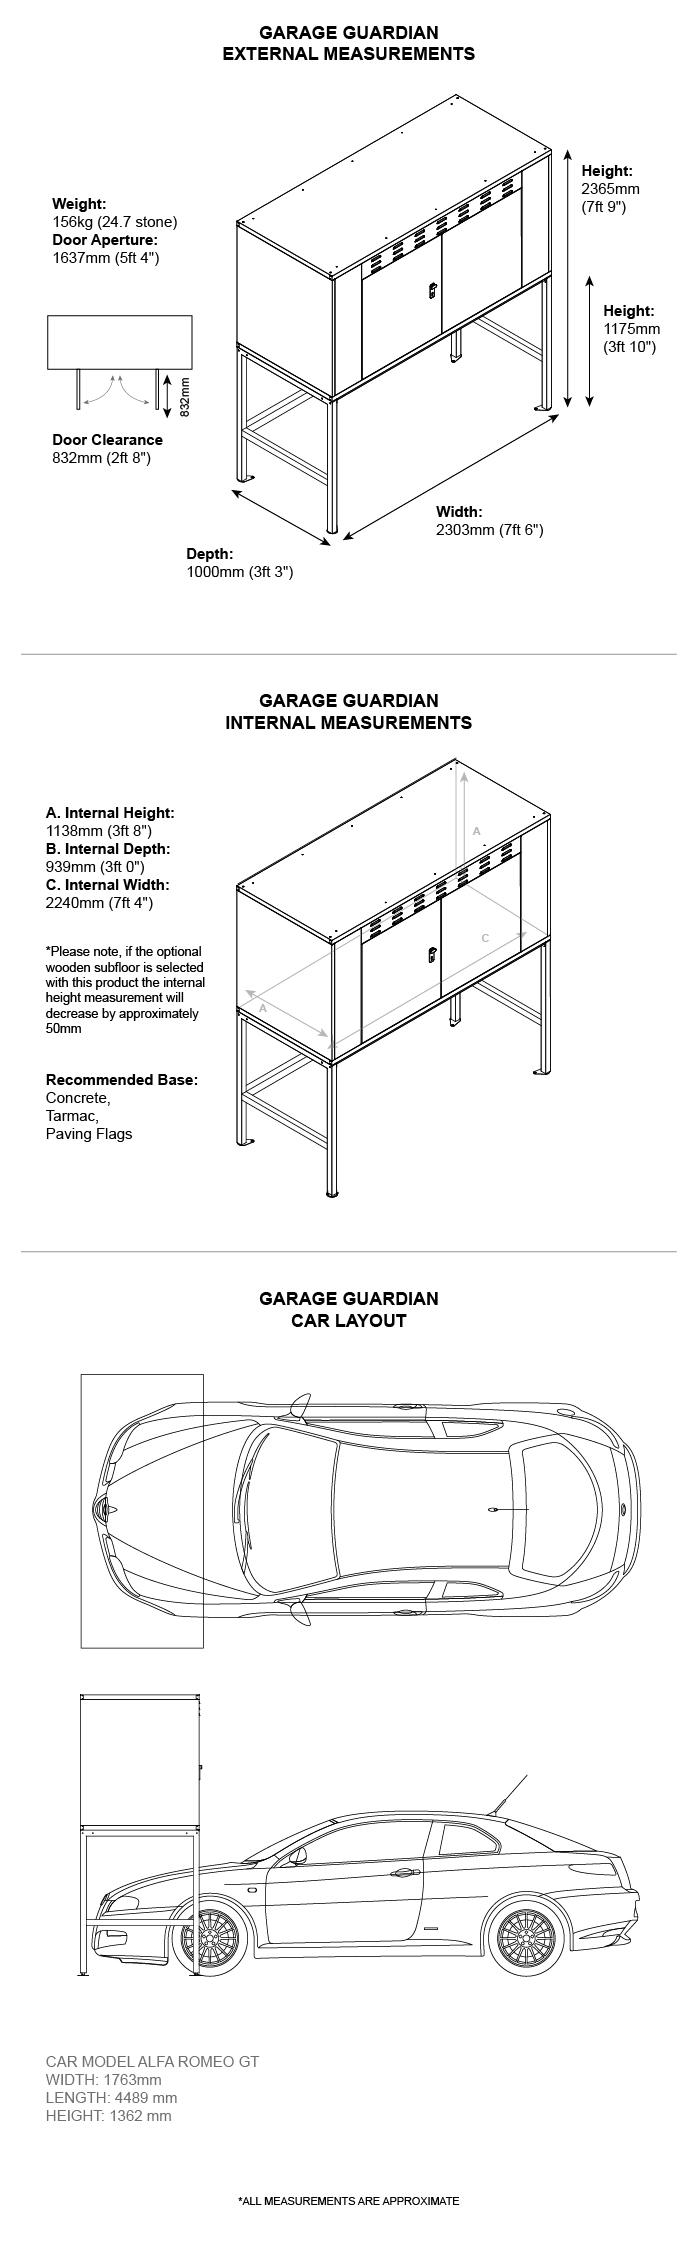 Garage Guardian Dimensions